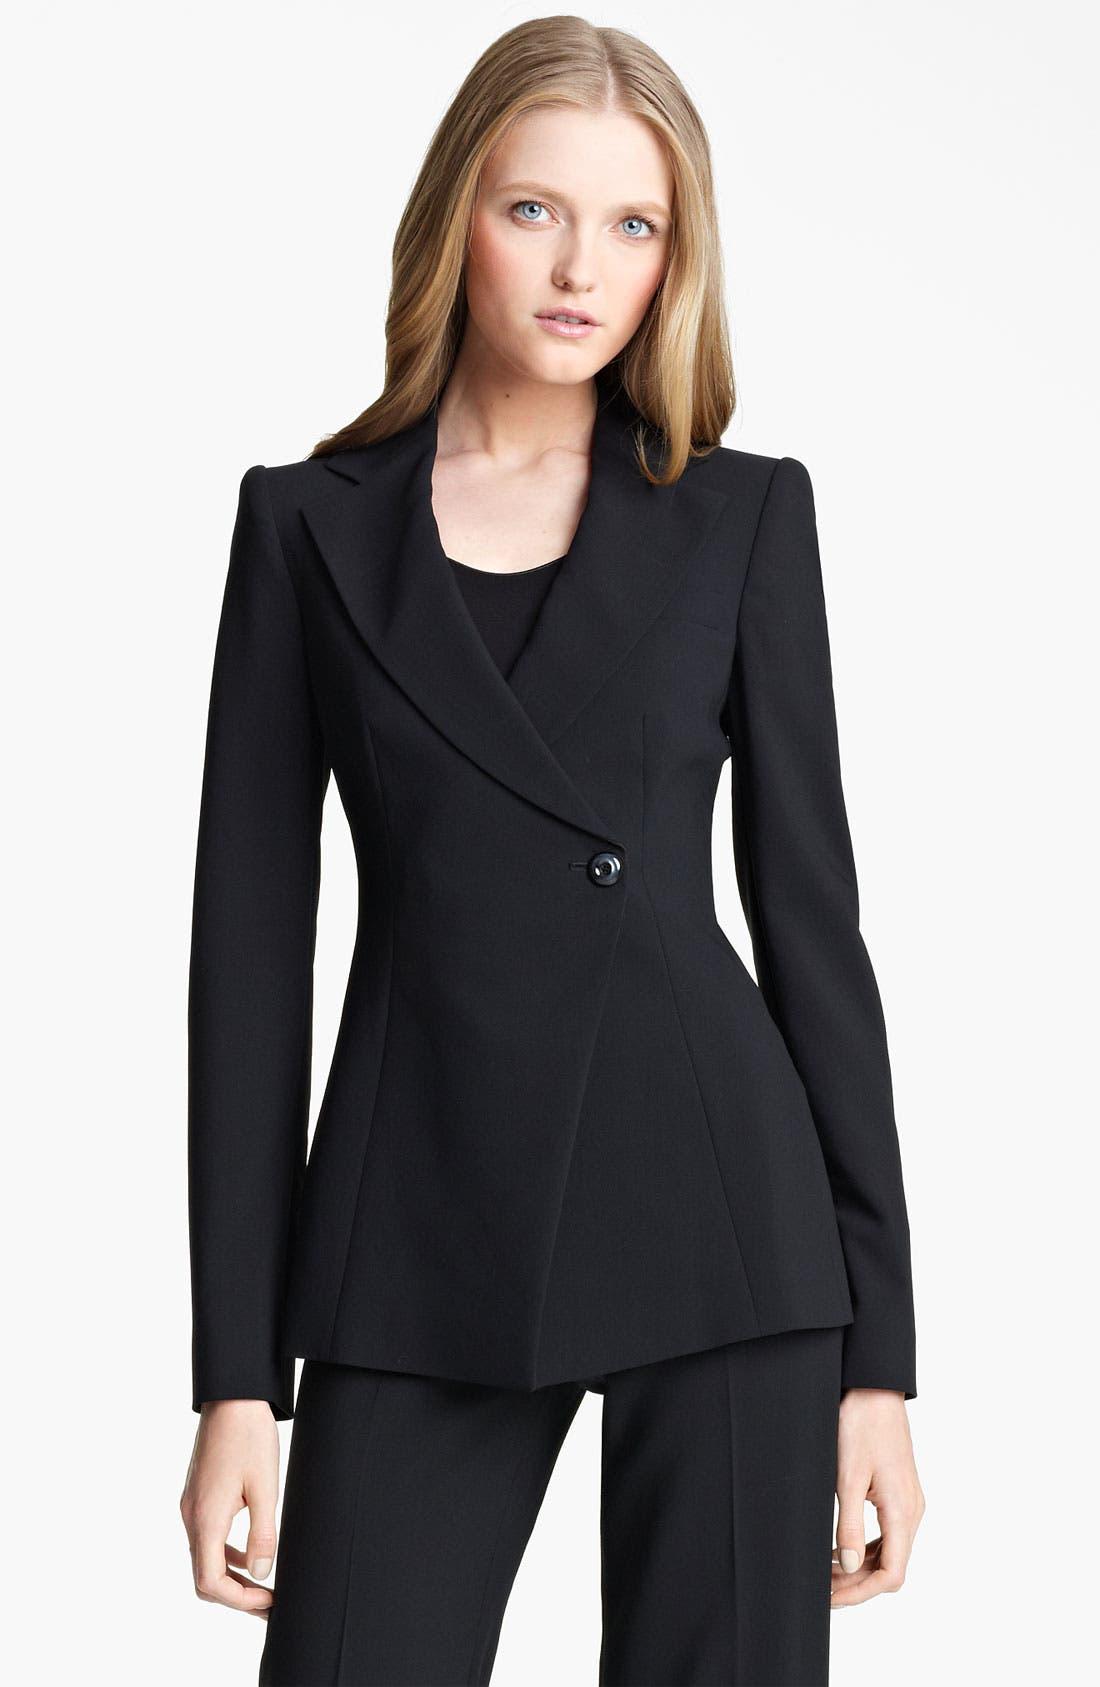 Main Image - Armani Collezioni Asymmetrical Featherweight Wool Jacket